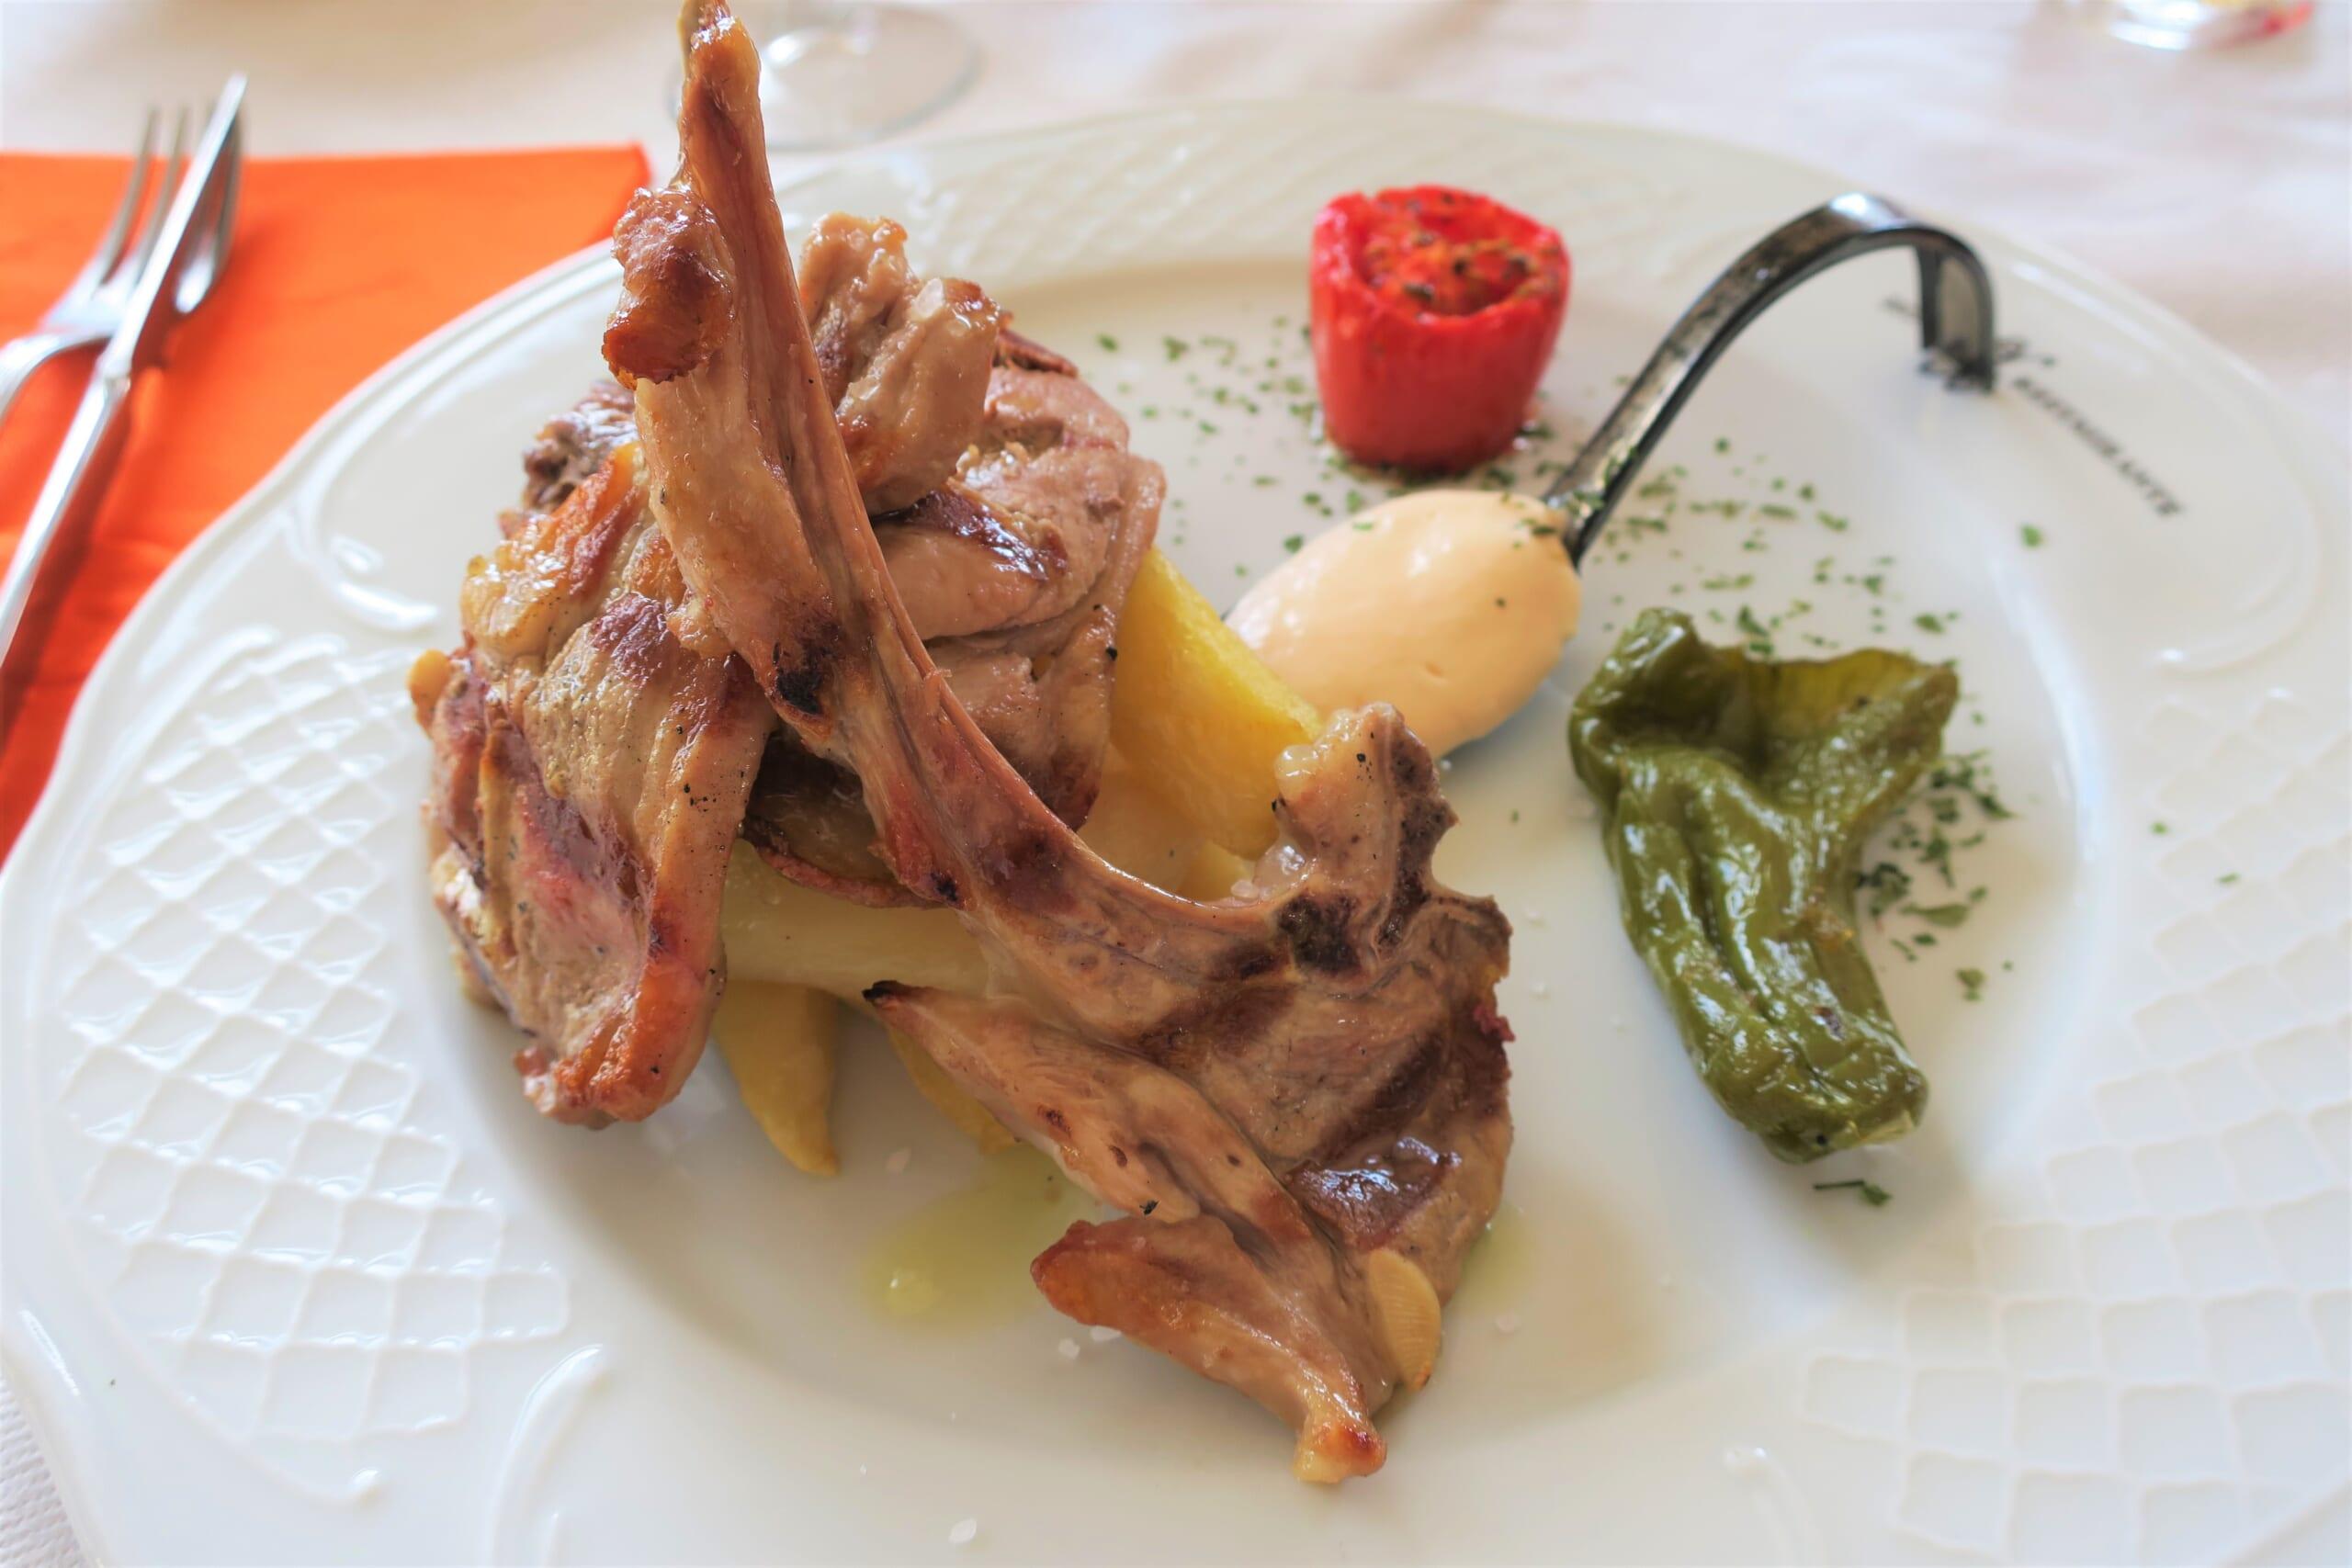 北スペインのアラゴンの郷土料理である仔羊のラムチョップ